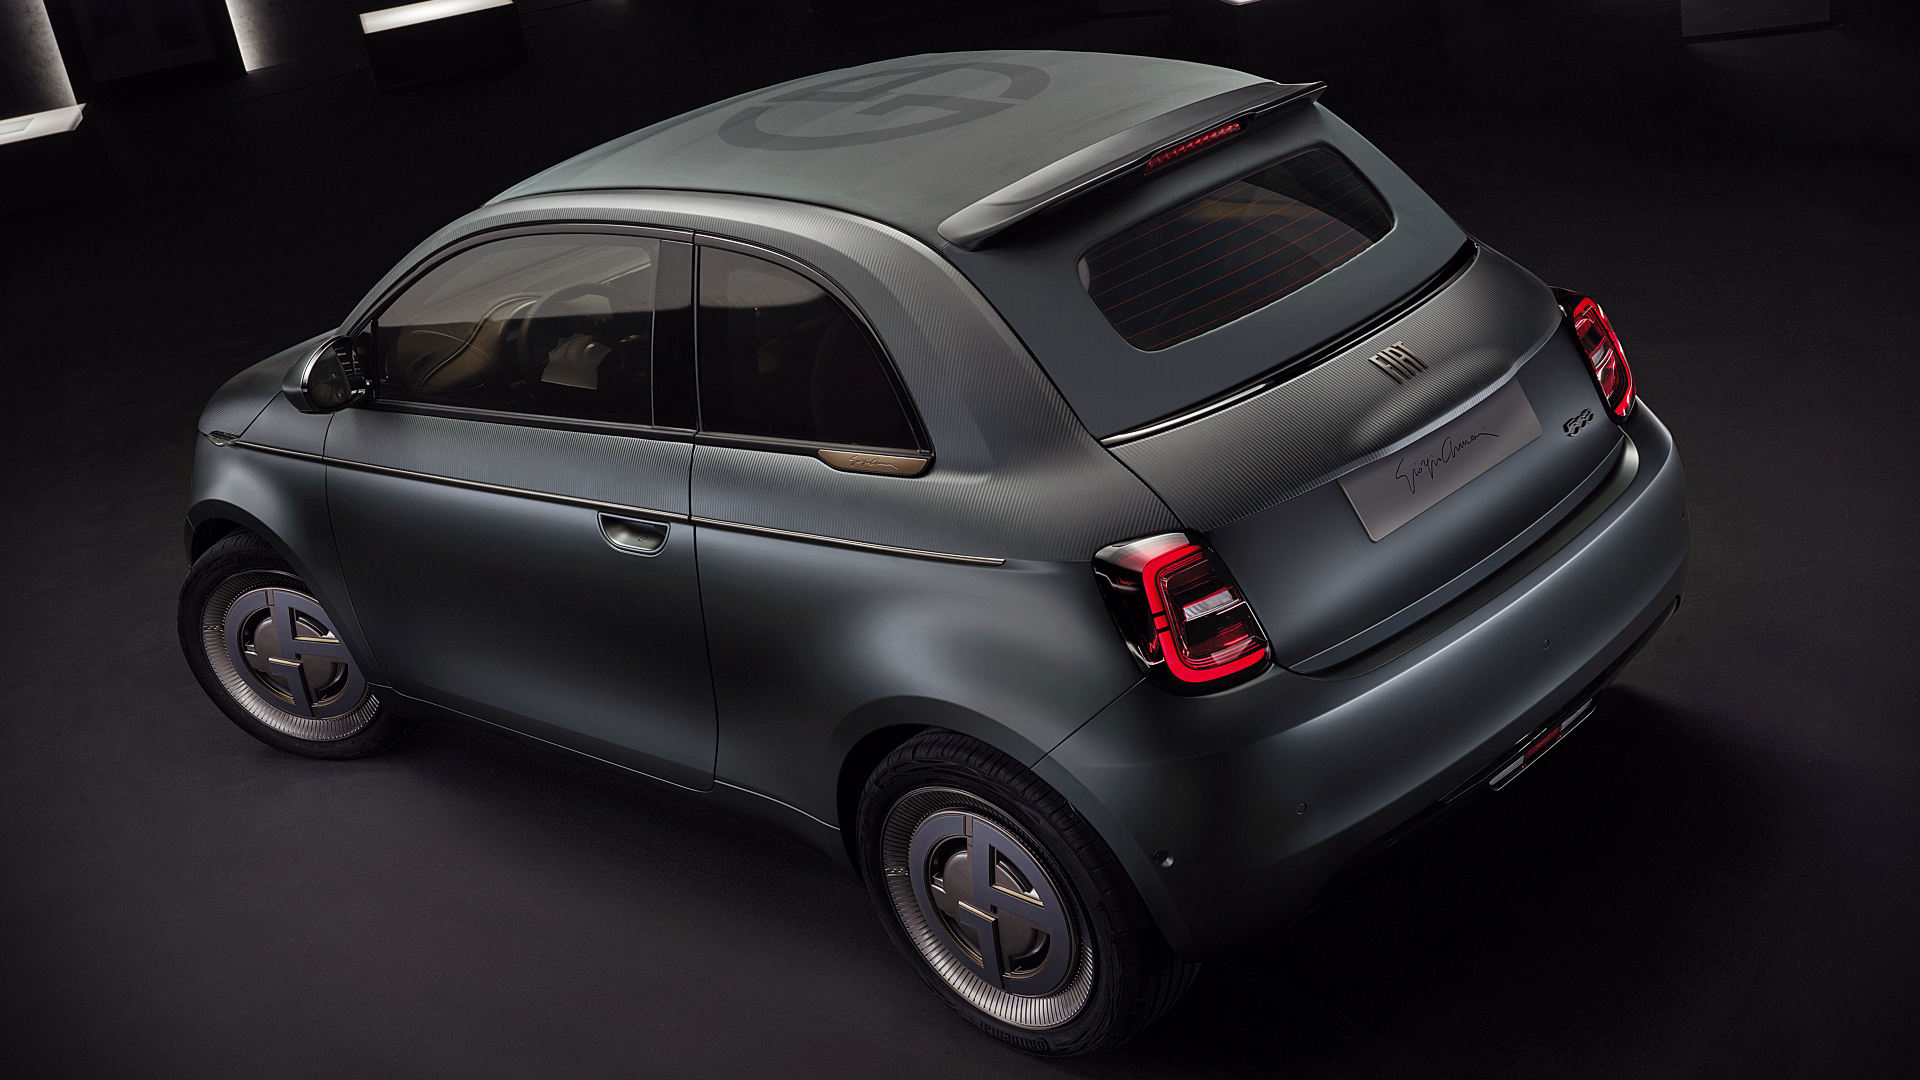 Fiat 500 Giorgio Armani 2021 Top Wallpaper